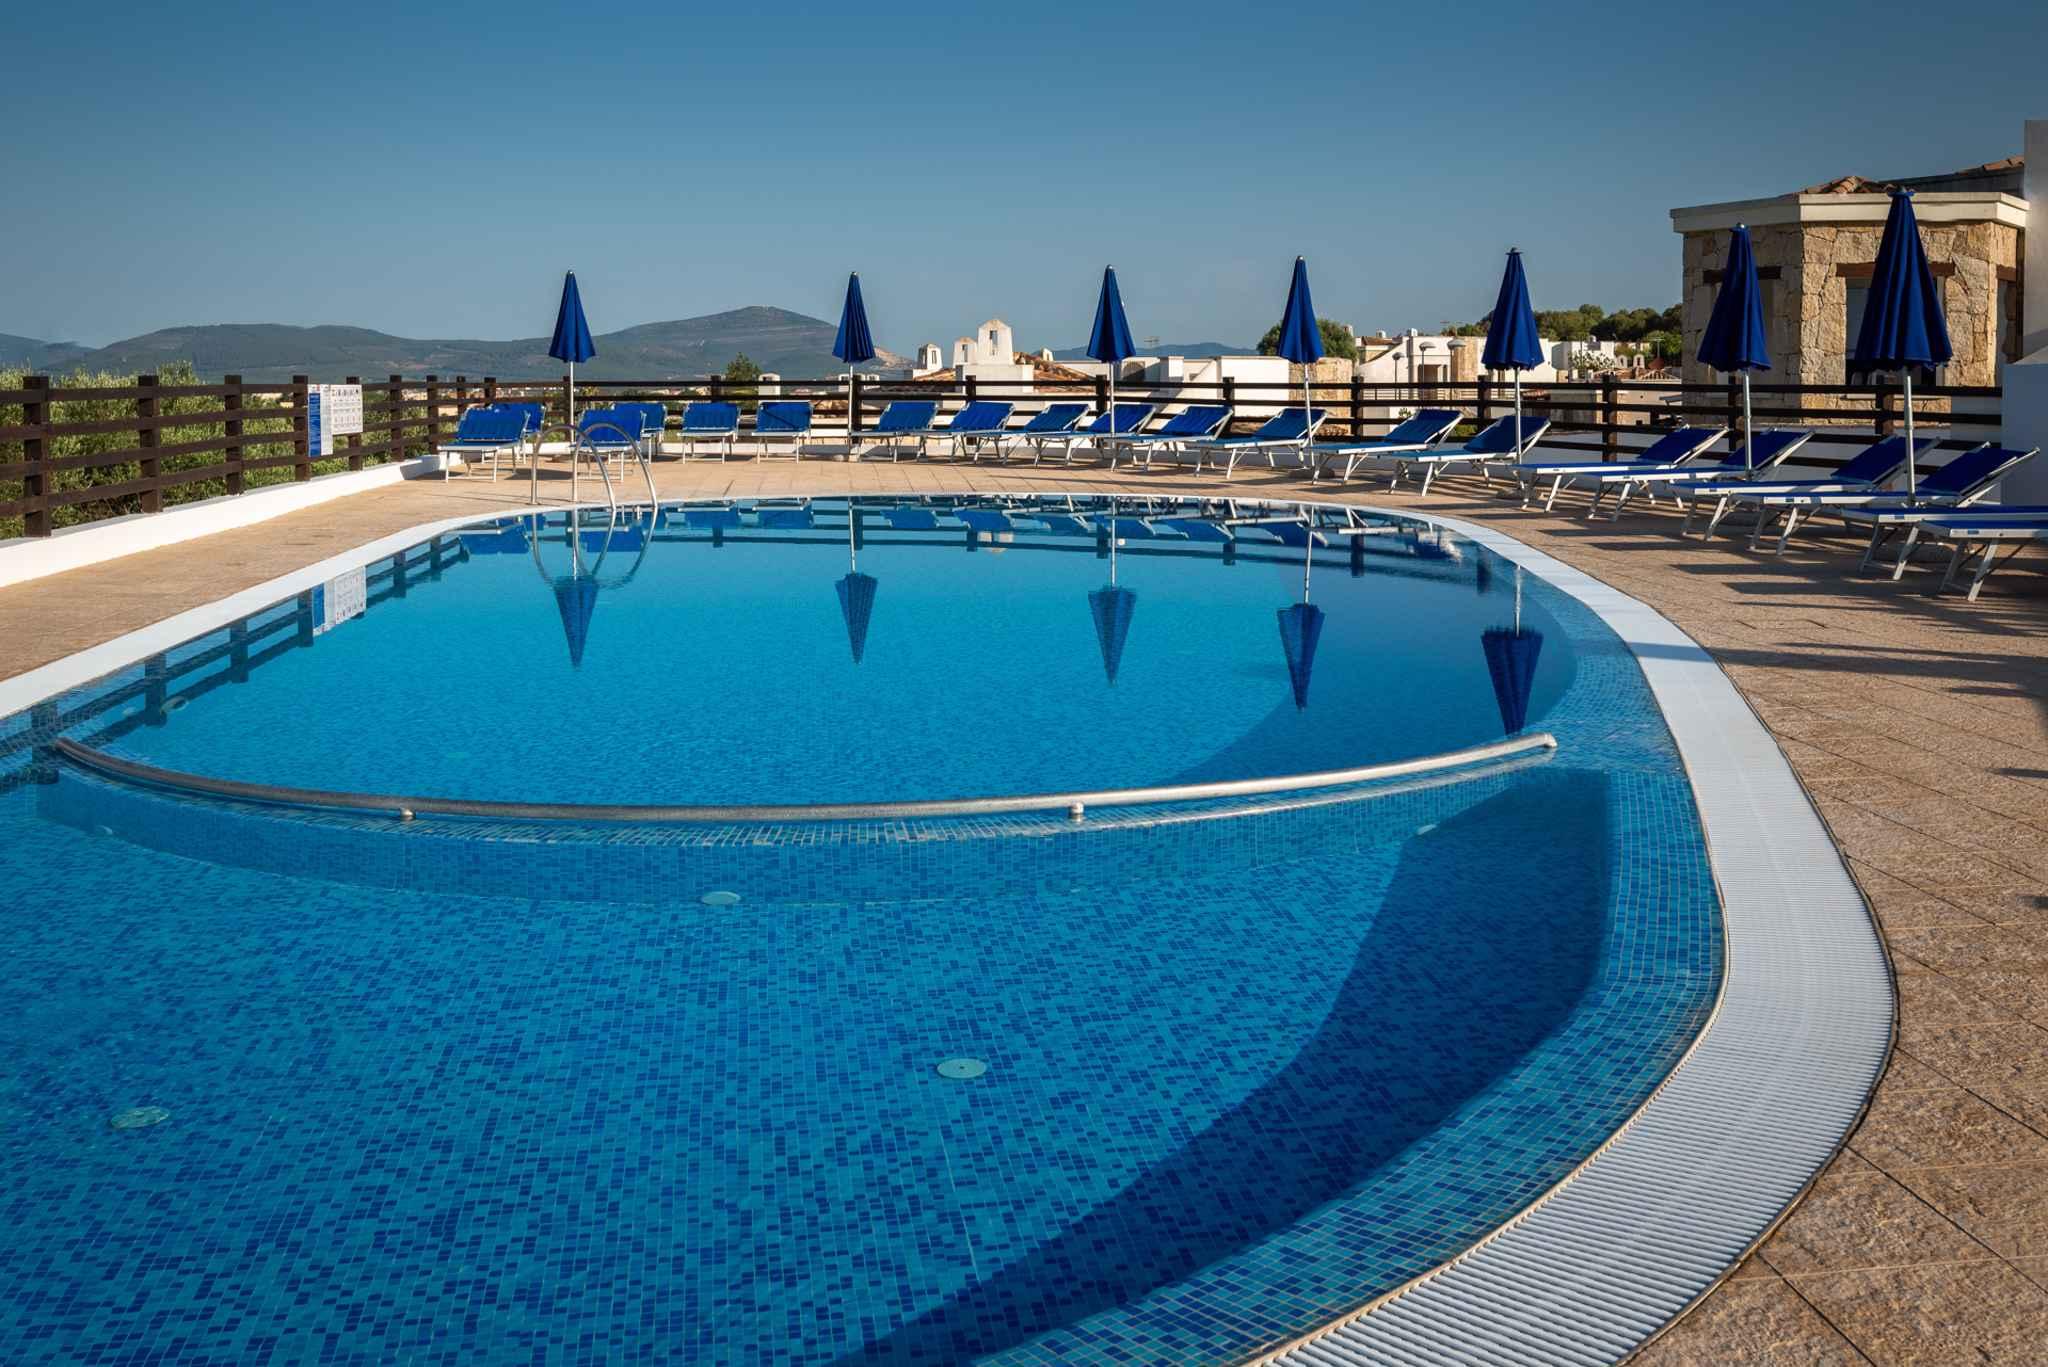 Ferienhaus mit KLimaanlage (2182423), Alghero, Sassari, Sardinien, Italien, Bild 7